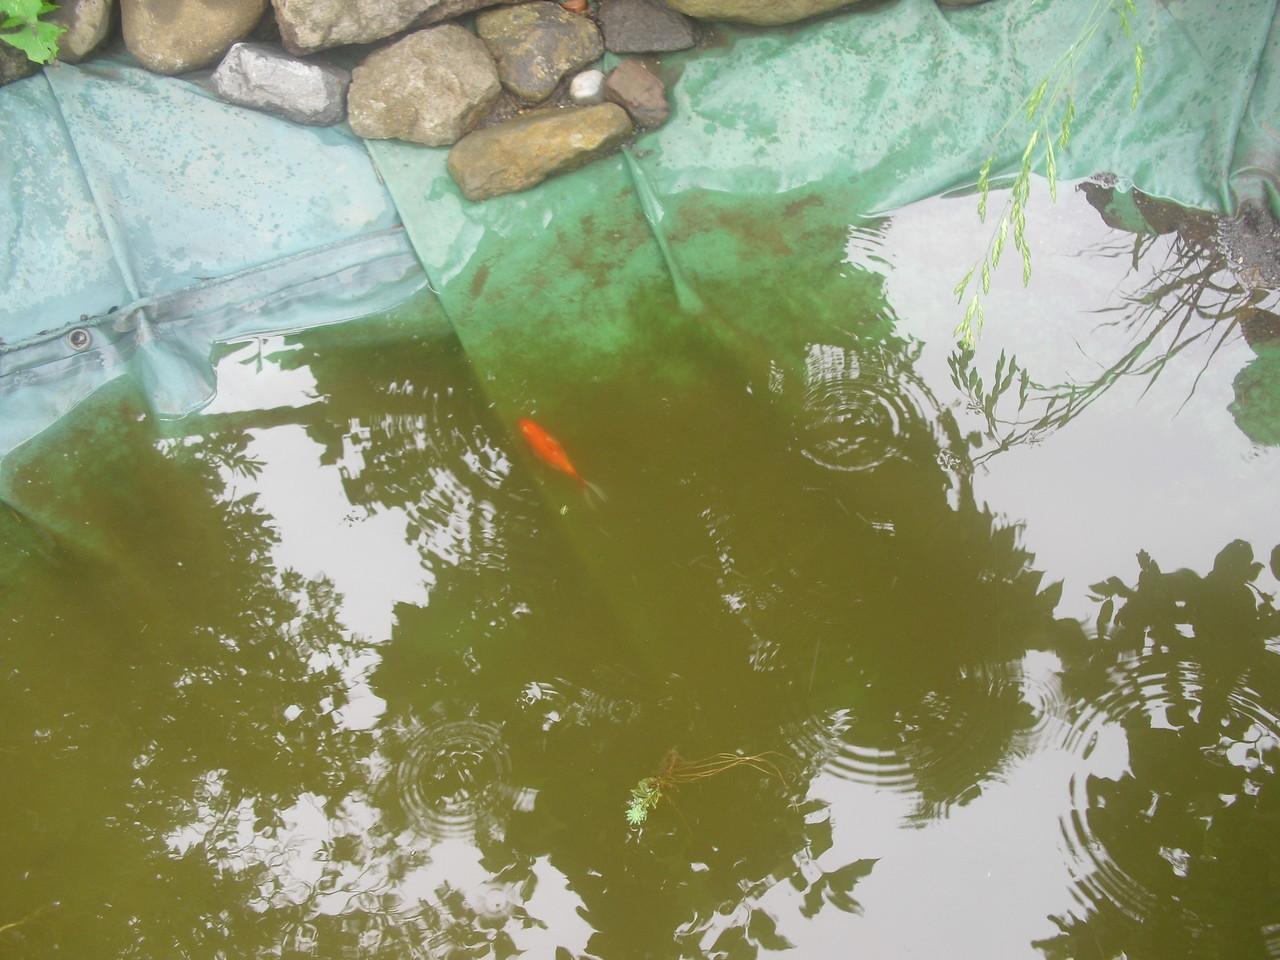 なぜかふじっころの前の川に金魚が泳いでいました。こどもが見つけてふじっころの池に。